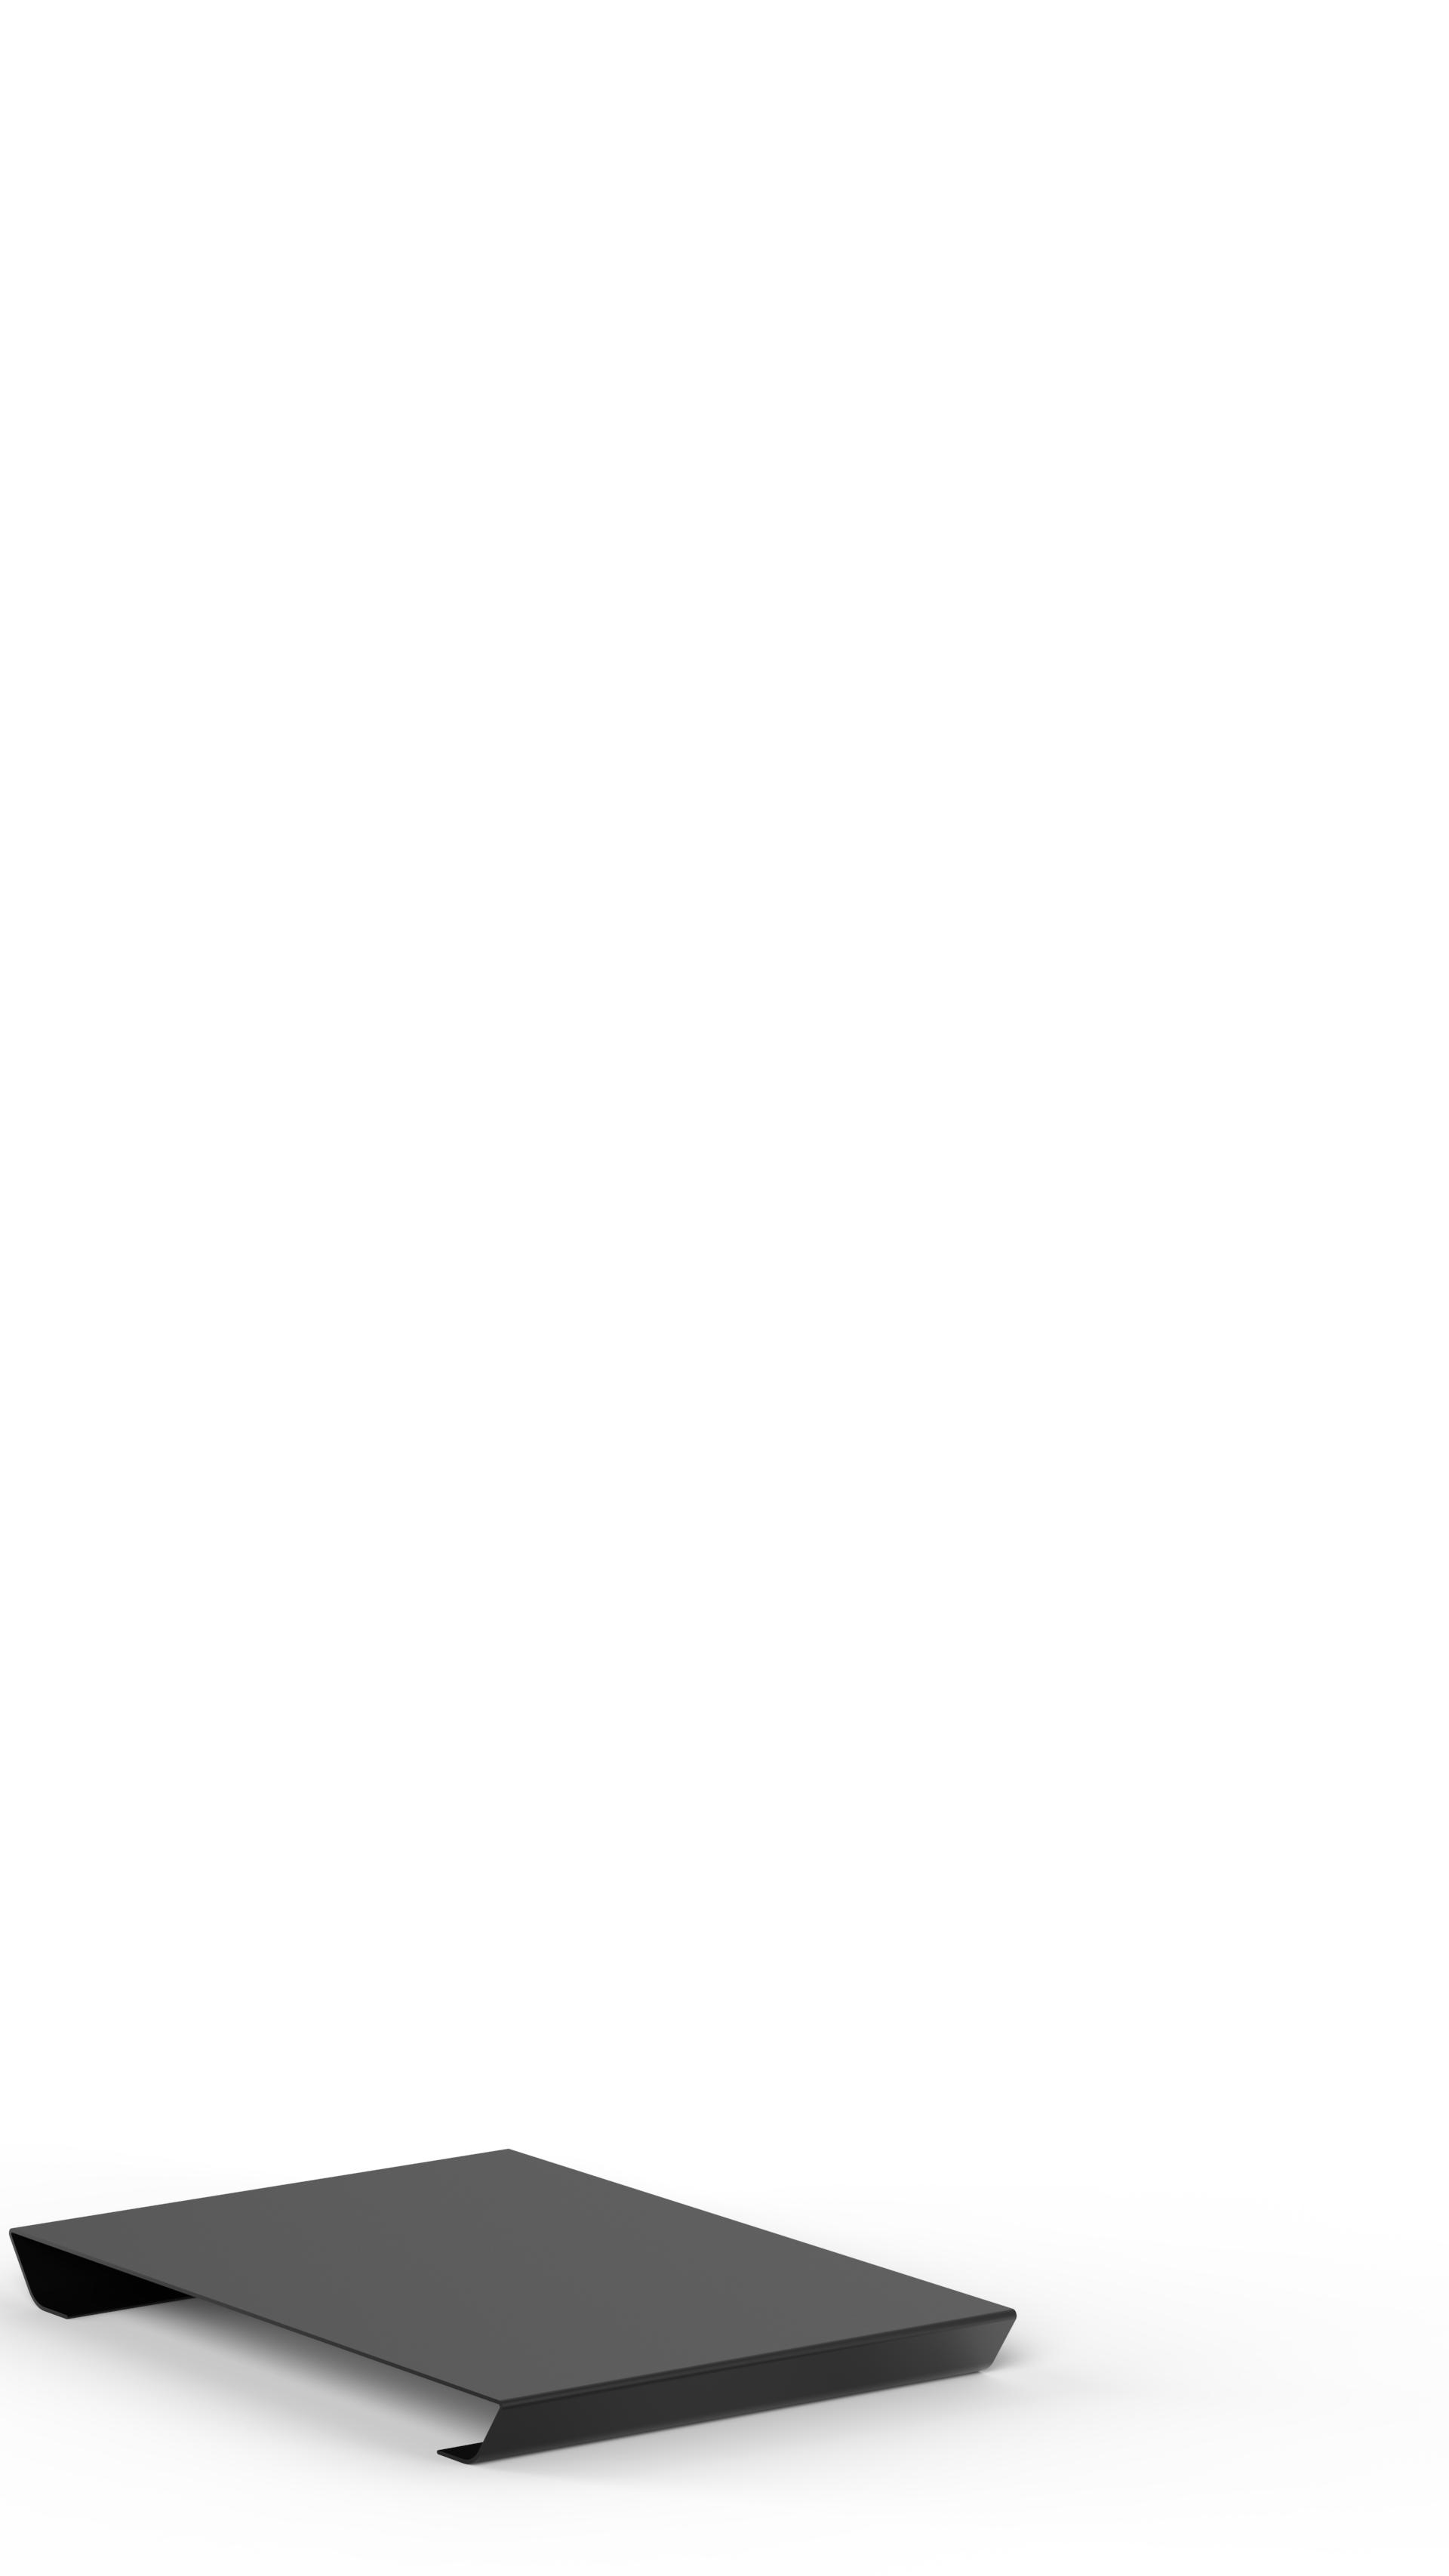 aeroPL40x30x4x2 Présentoir plateau de présentation SAINT-HONORÉ PARIS